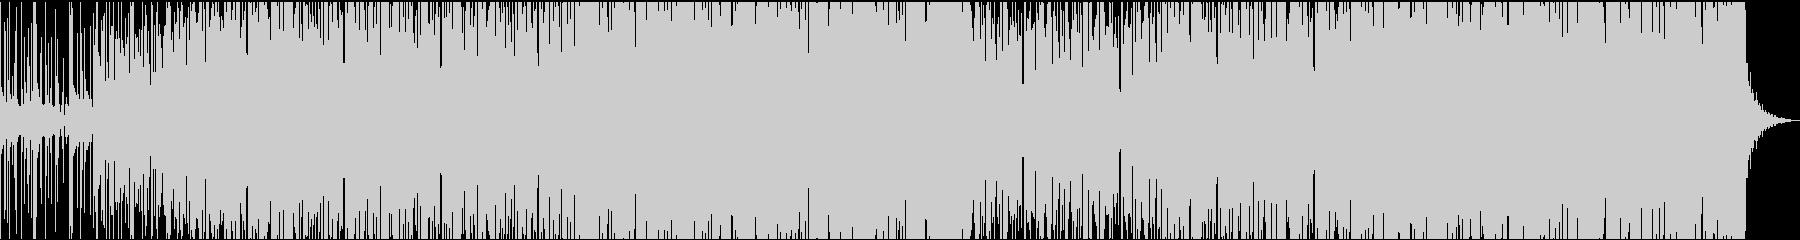 Electronic Glitchの未再生の波形